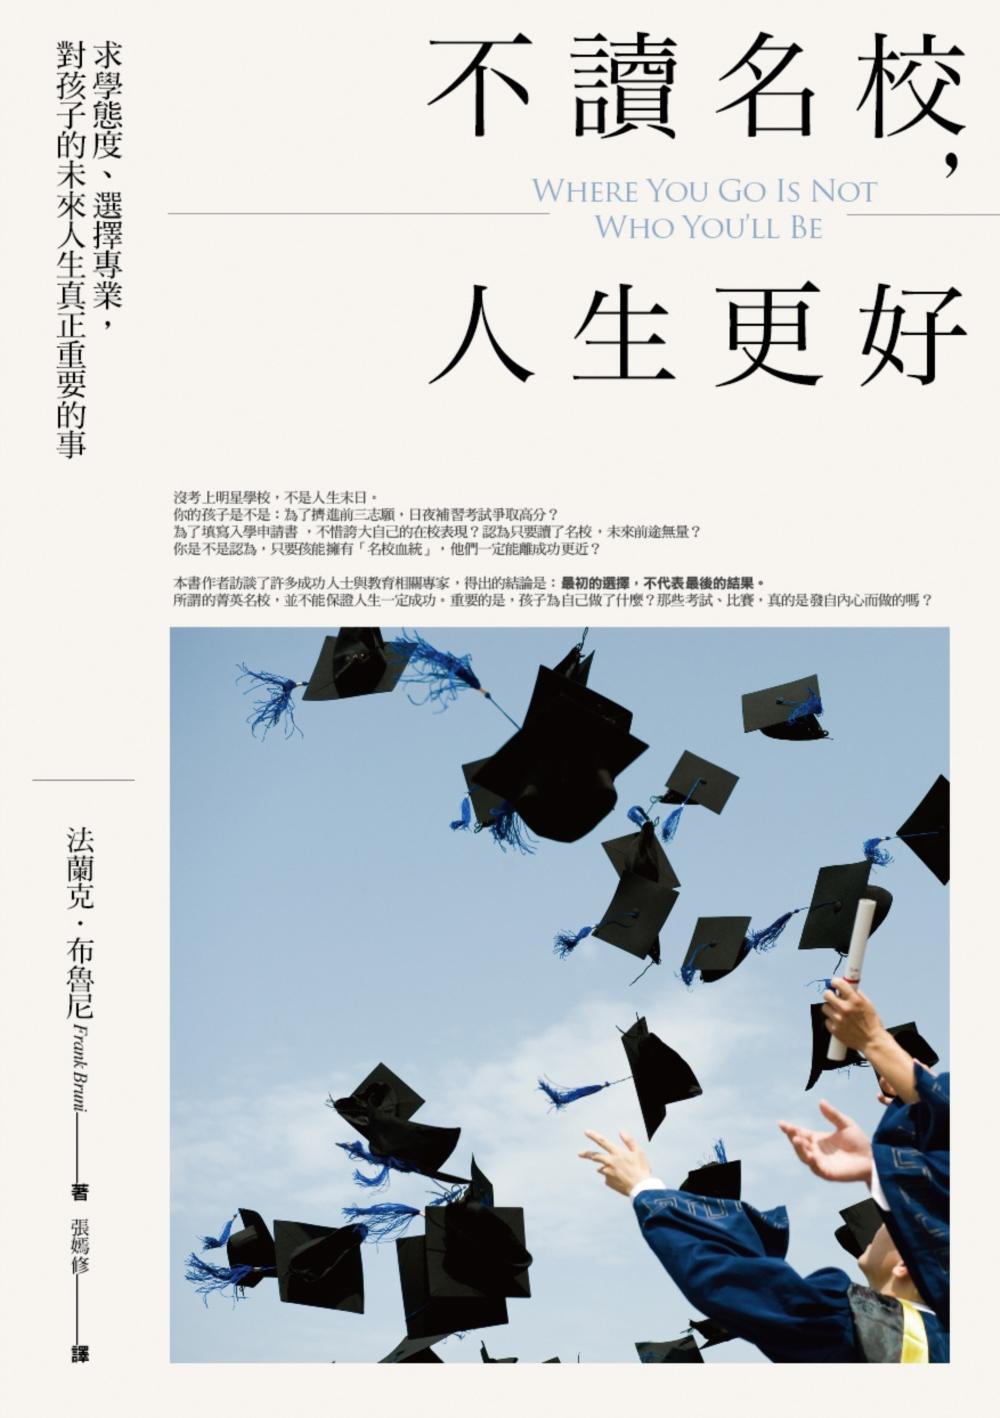 不讀名校,人生更好:求學態度、選擇專業,對孩子的未來人生真正重要的事